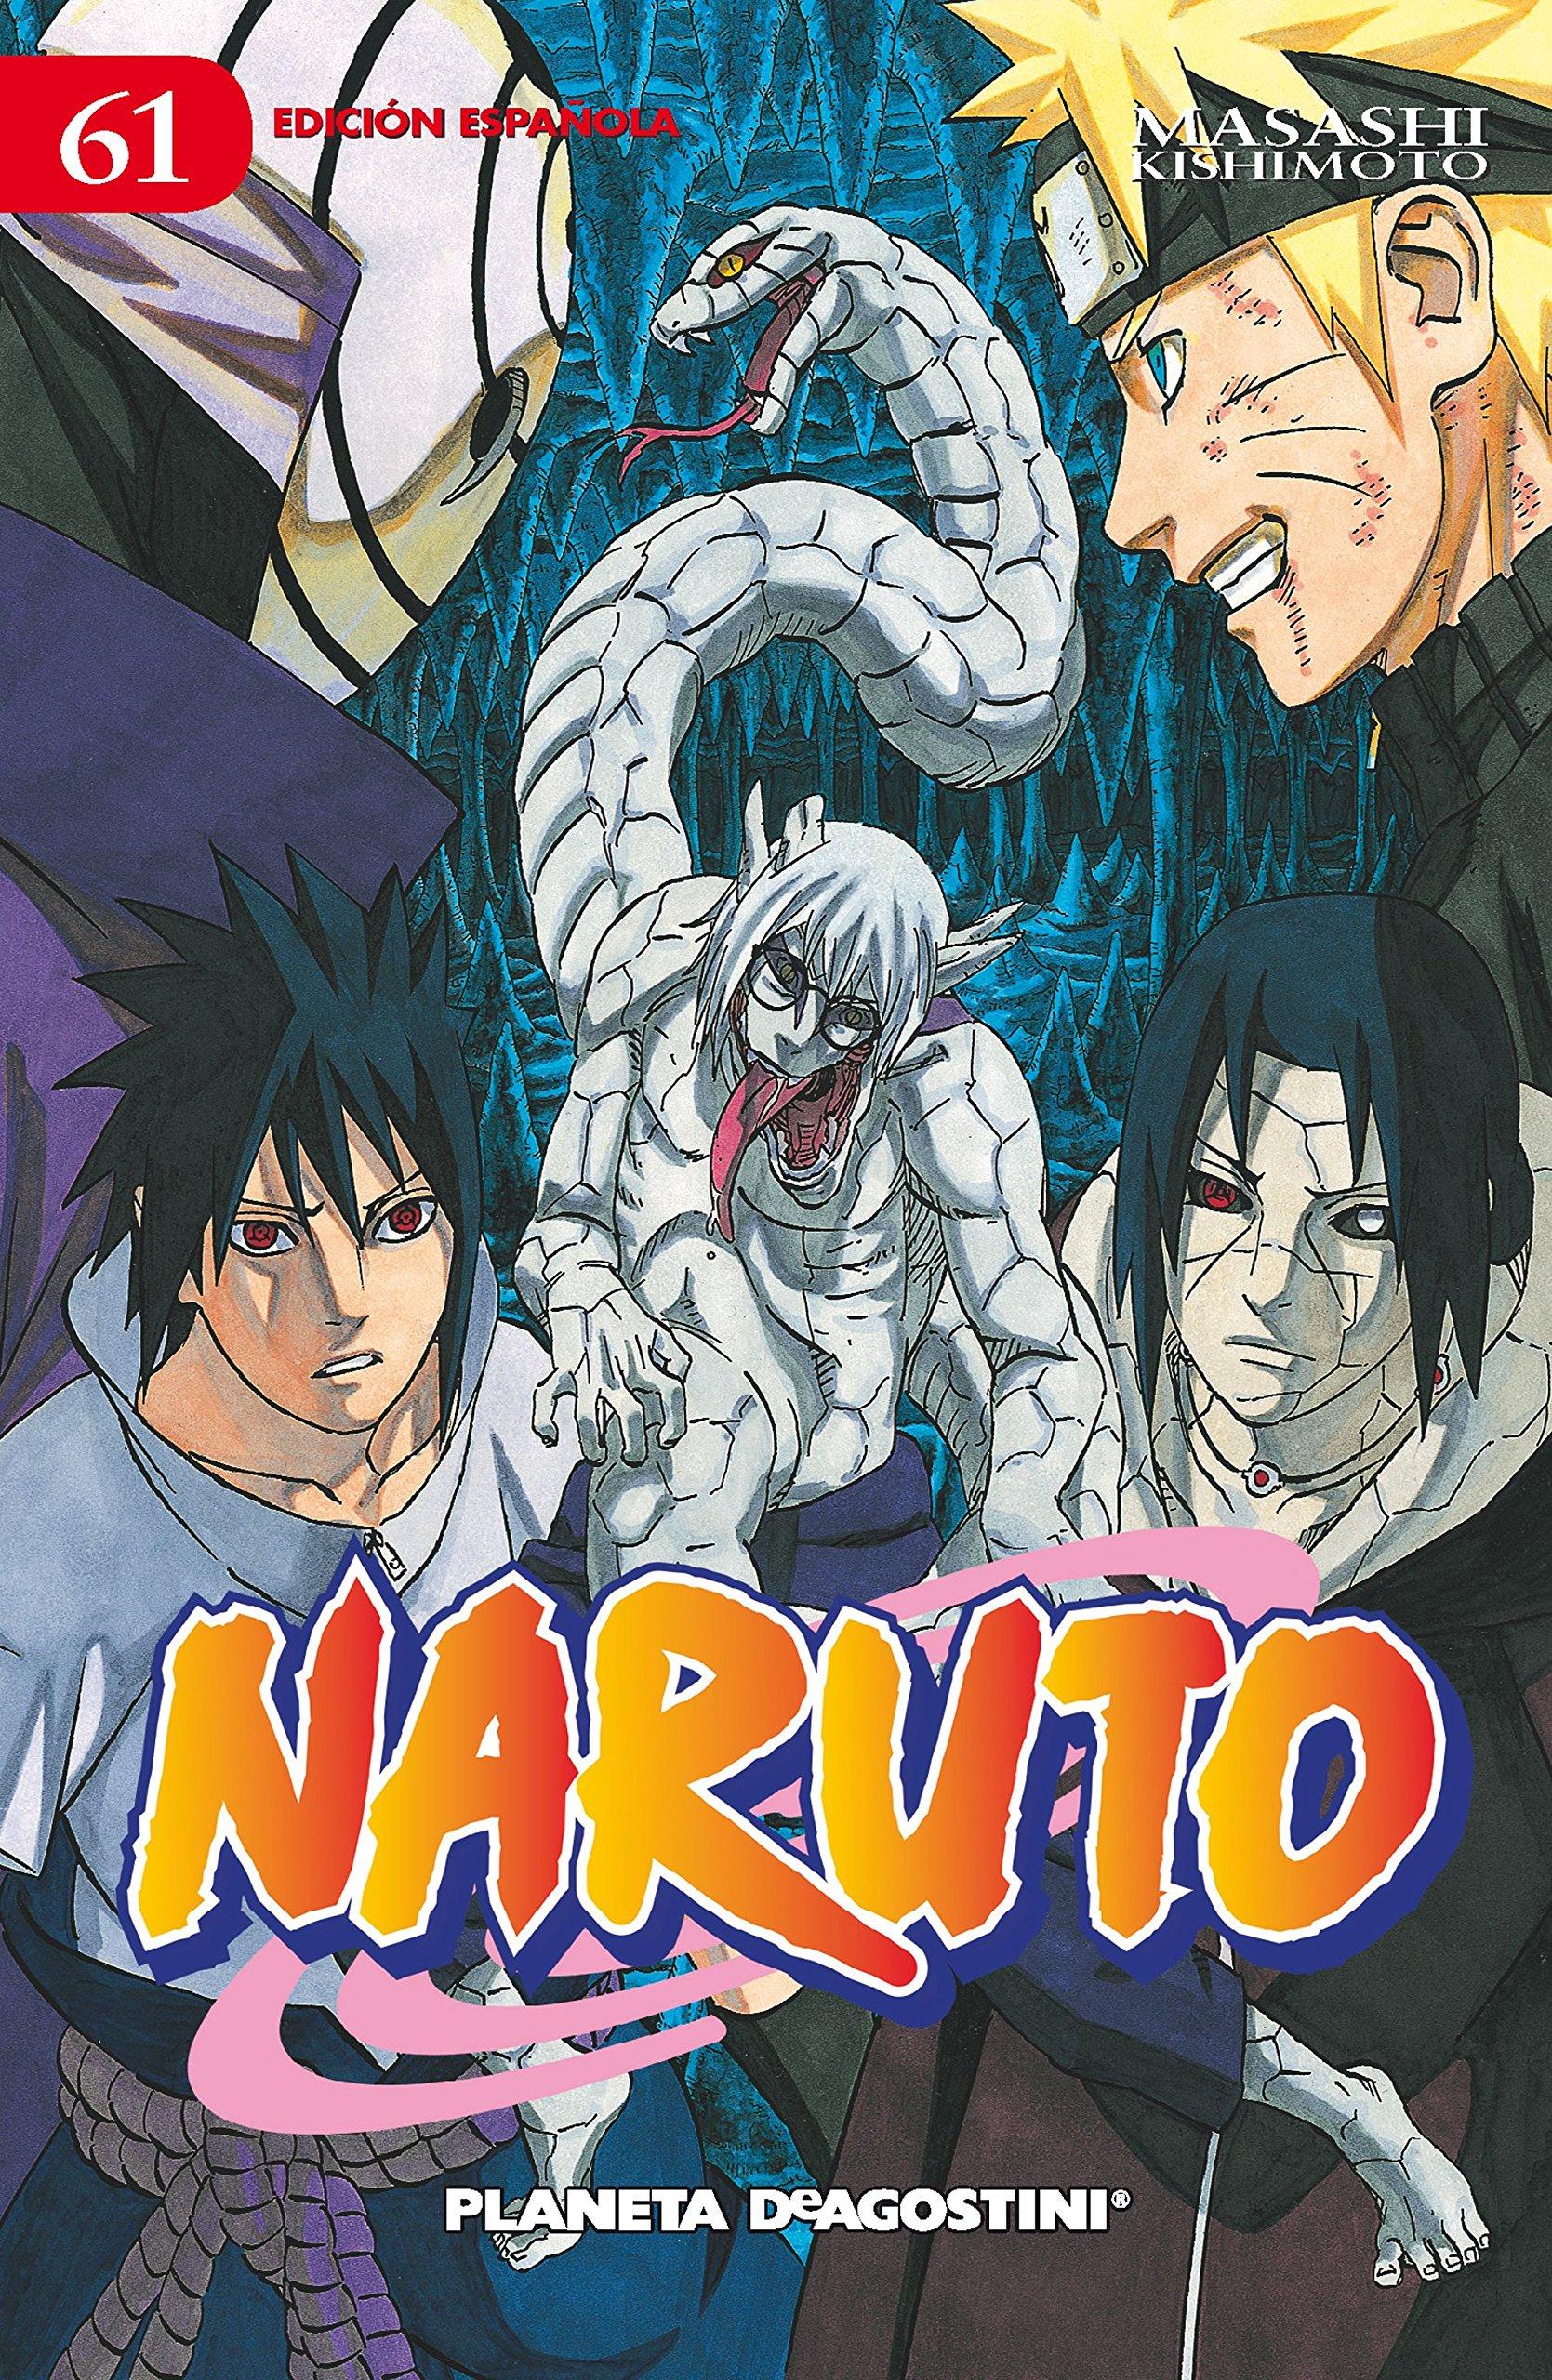 Naruto 61: Masashi Kishimoto: 9788415480600: Amazon.com: Books